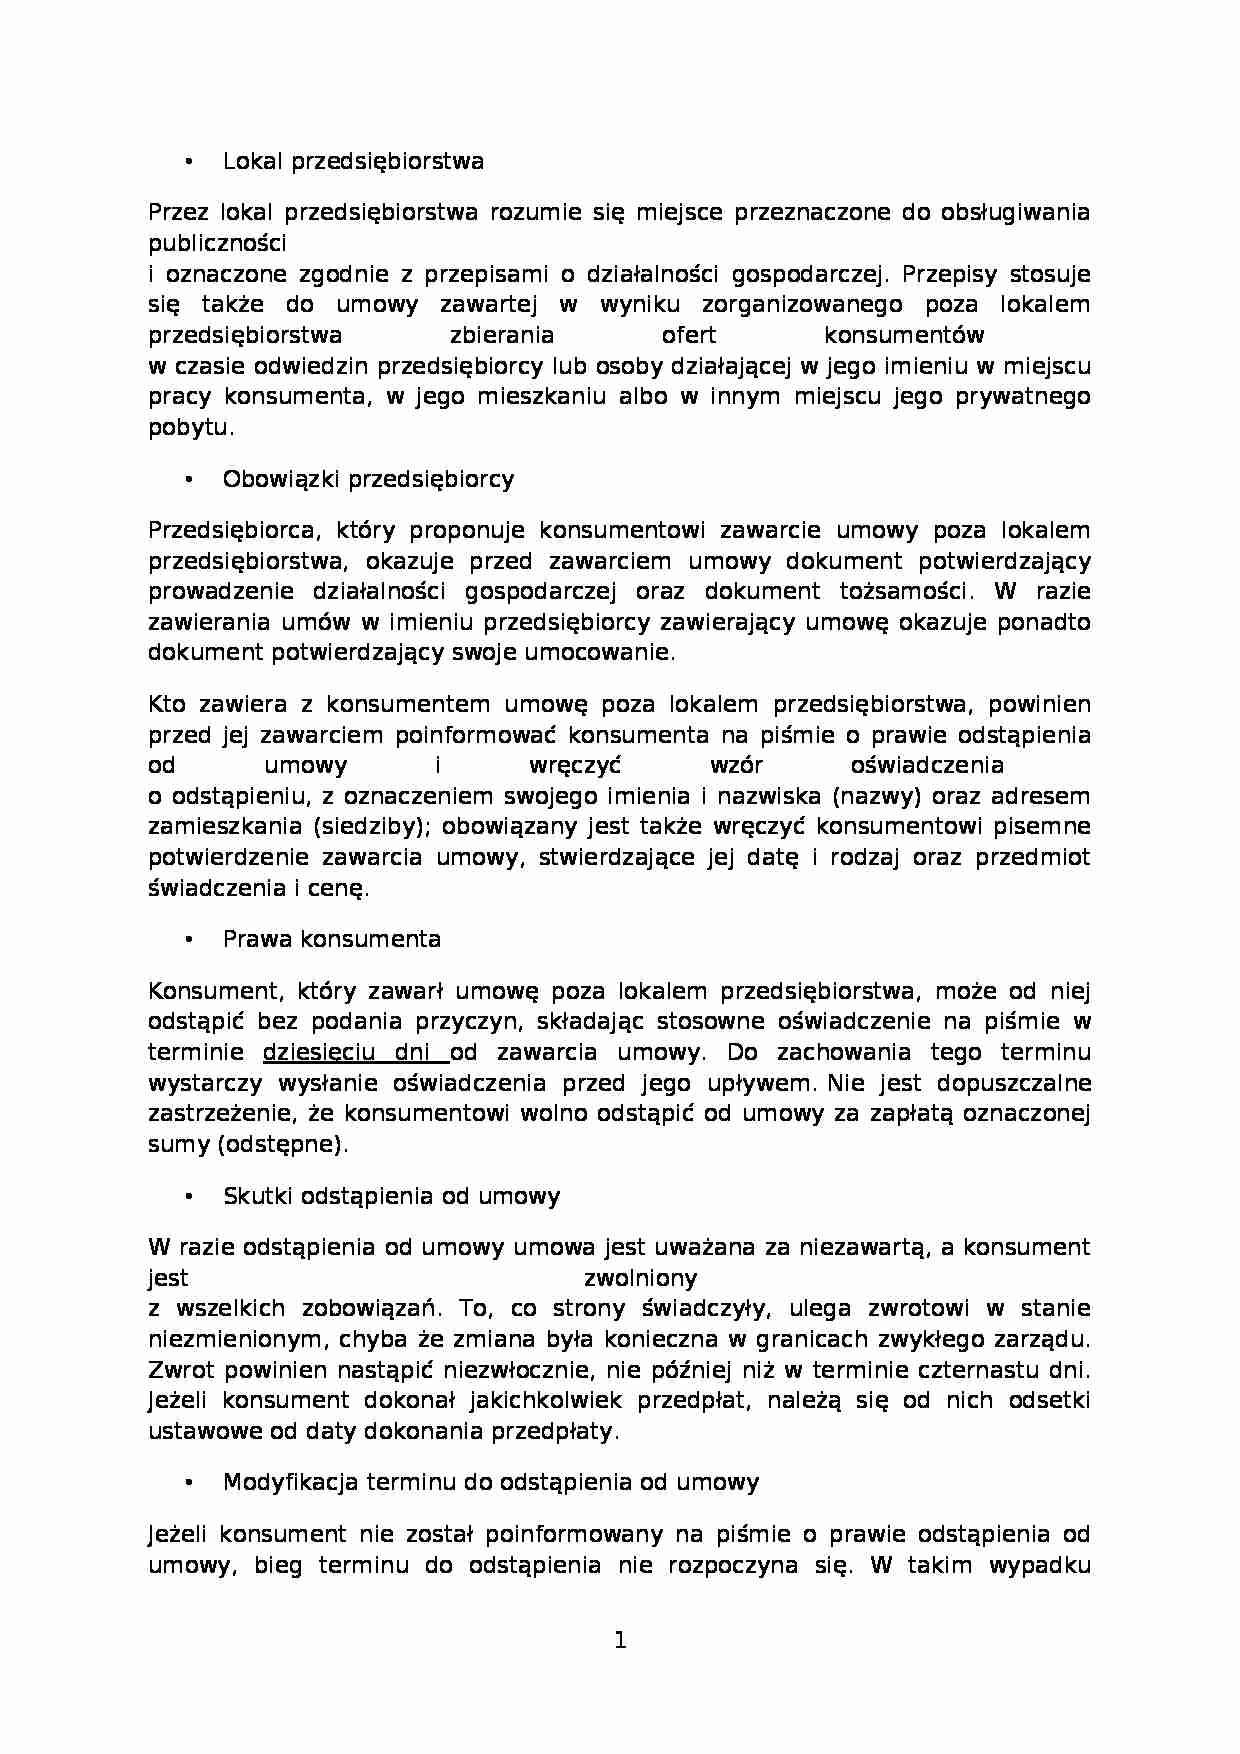 823e7d65489c10 Podgląd dokumentu Umowy zawierane poza lokalem i na odległość - strona 1 ...